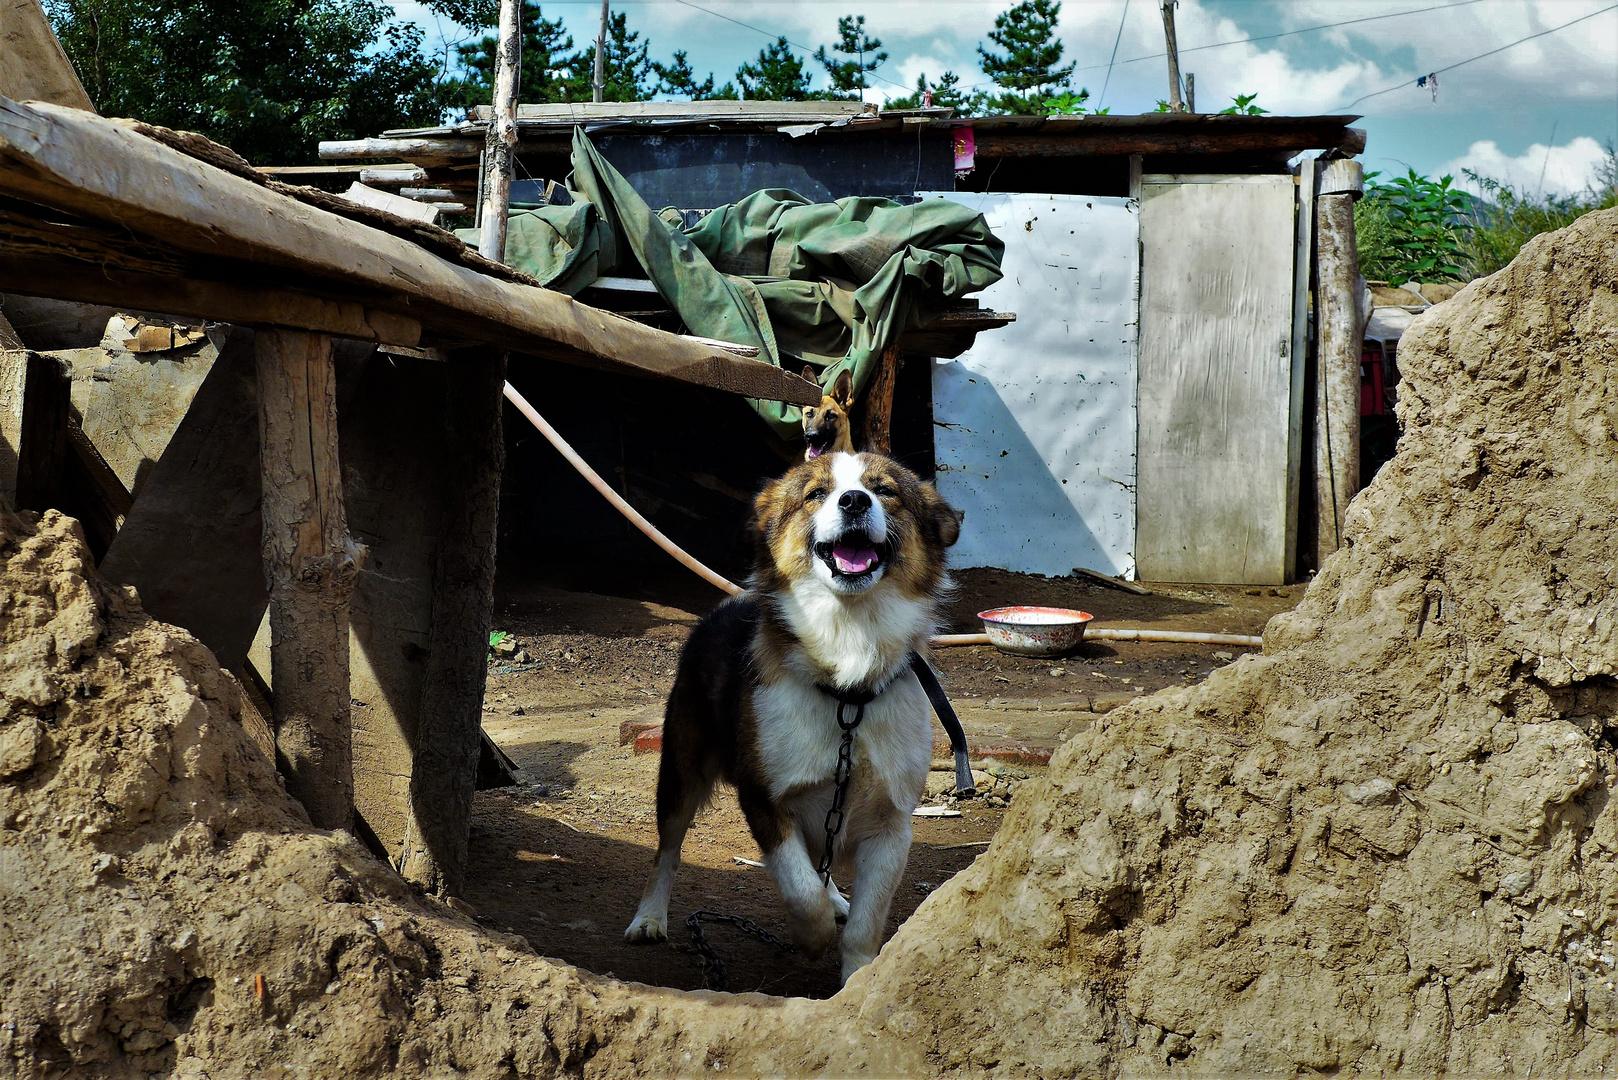 Guard dog!